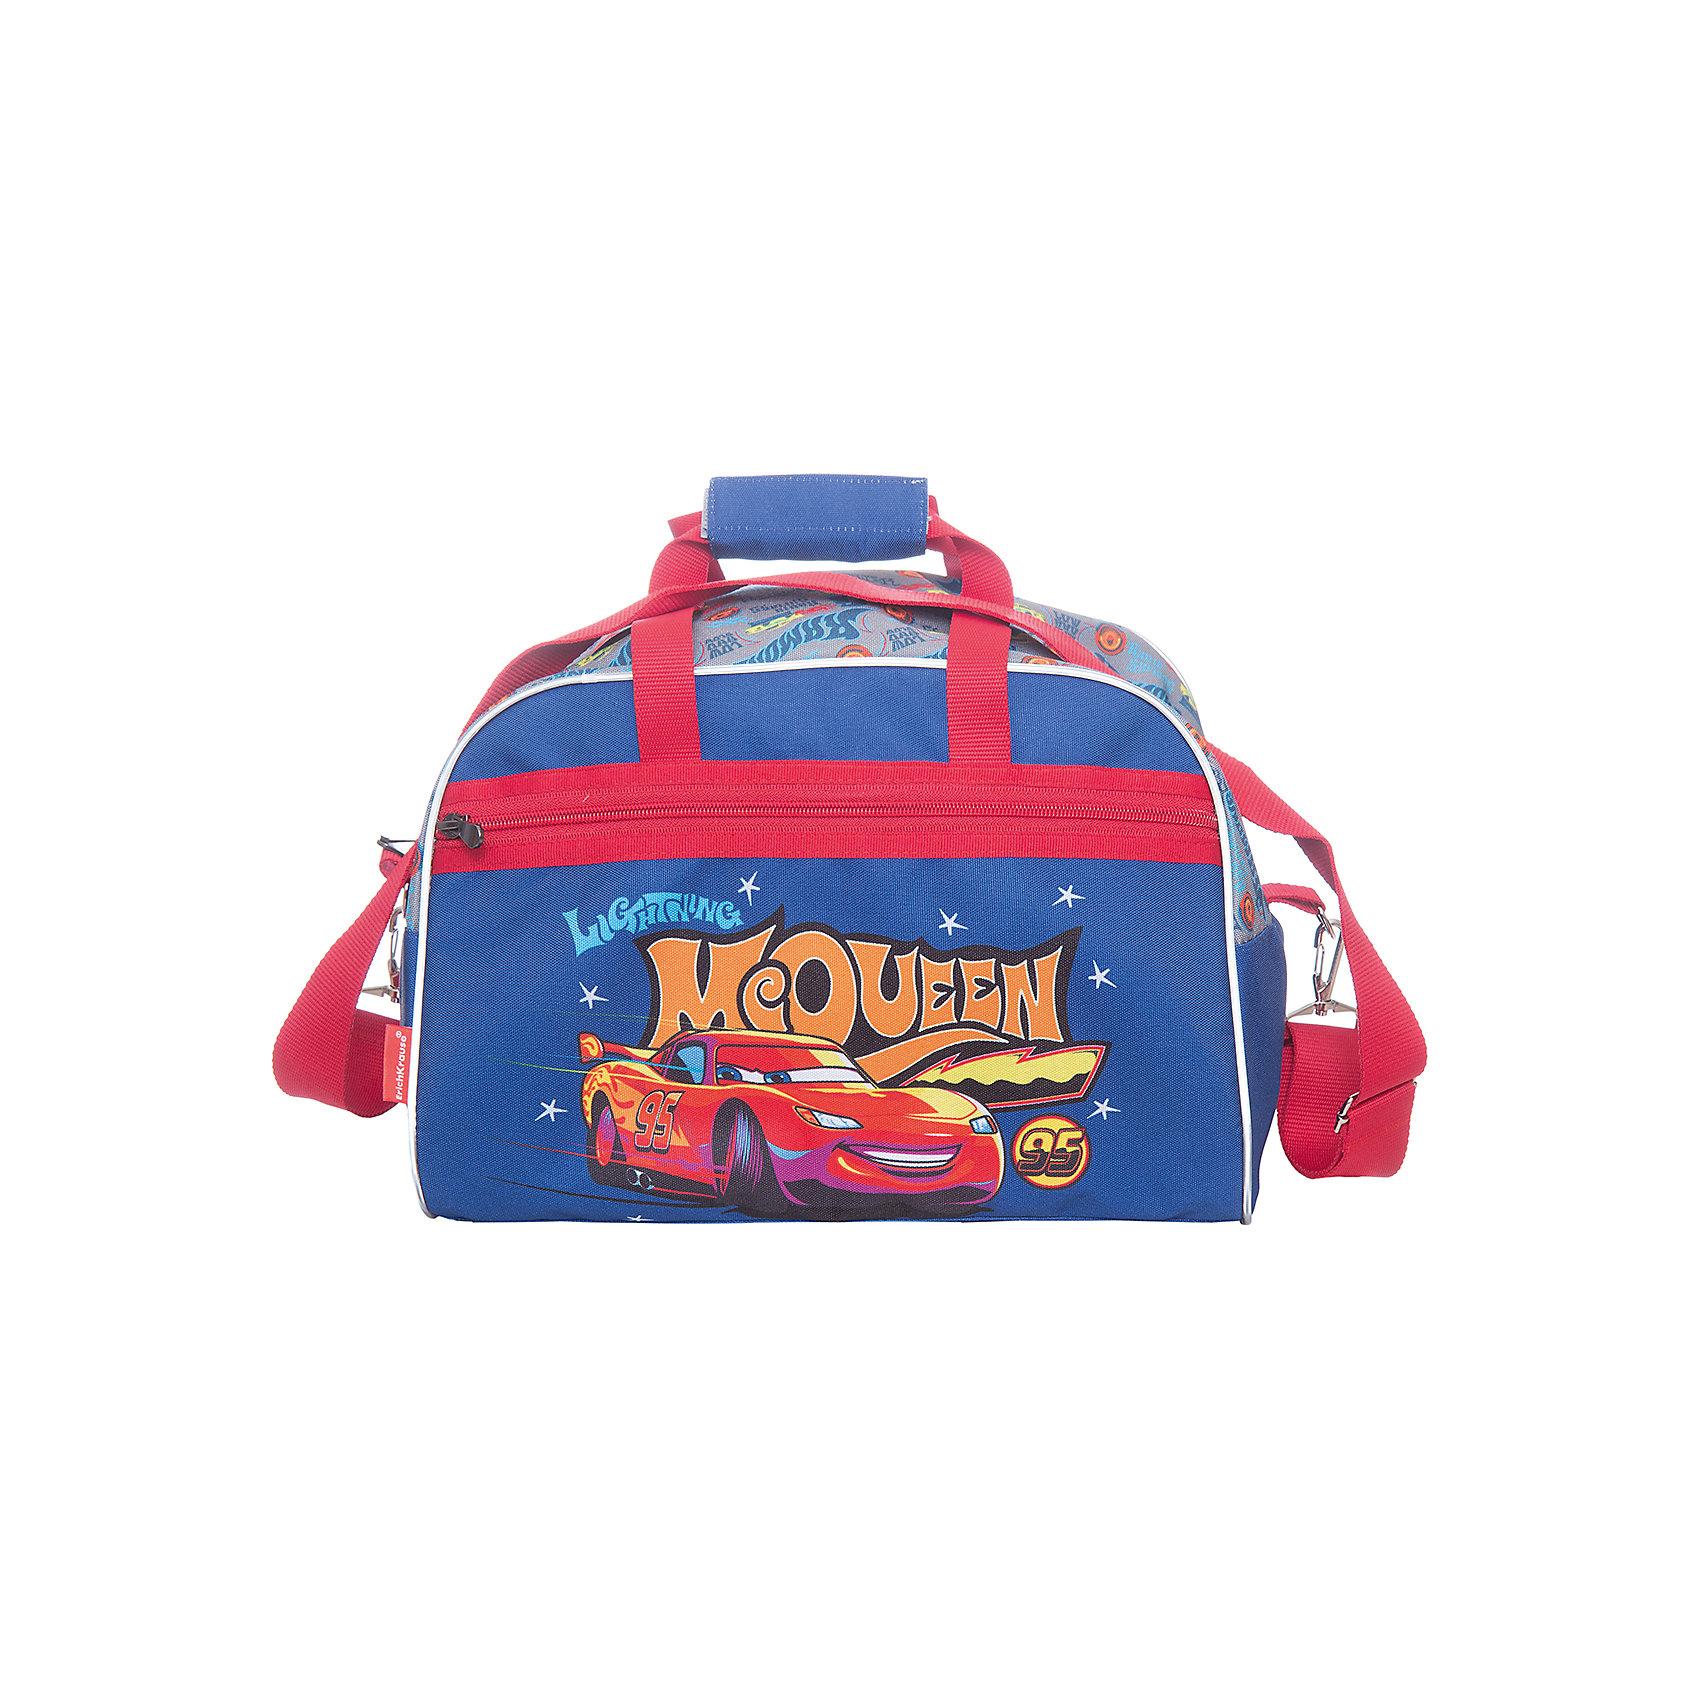 Сумка детская для спорта Тачки Ретро раллиСпортивные сумки<br>Характеристики товара:<br><br>• цвет: синий<br>• принт: Тачки Ретро ралли<br>• материал: полиэстер<br>• большое внутреннее отделение<br>• ручка со специальной вставкой на липучке<br>• двойная молния<br>• размер изделия: 26х35х24 см<br>• вес в кг: 460гр<br>• страна изготовитель: Китай<br>• страна бренда: Германия<br><br>Сумку детскую  для спорта Тачки Ретро ралли можно купить в нашем интернет-магазине.<br><br>Ширина мм: 440<br>Глубина мм: 350<br>Высота мм: 150<br>Вес г: 404<br>Возраст от месяцев: 72<br>Возраст до месяцев: 96<br>Пол: Мужской<br>Возраст: Детский<br>SKU: 6842767